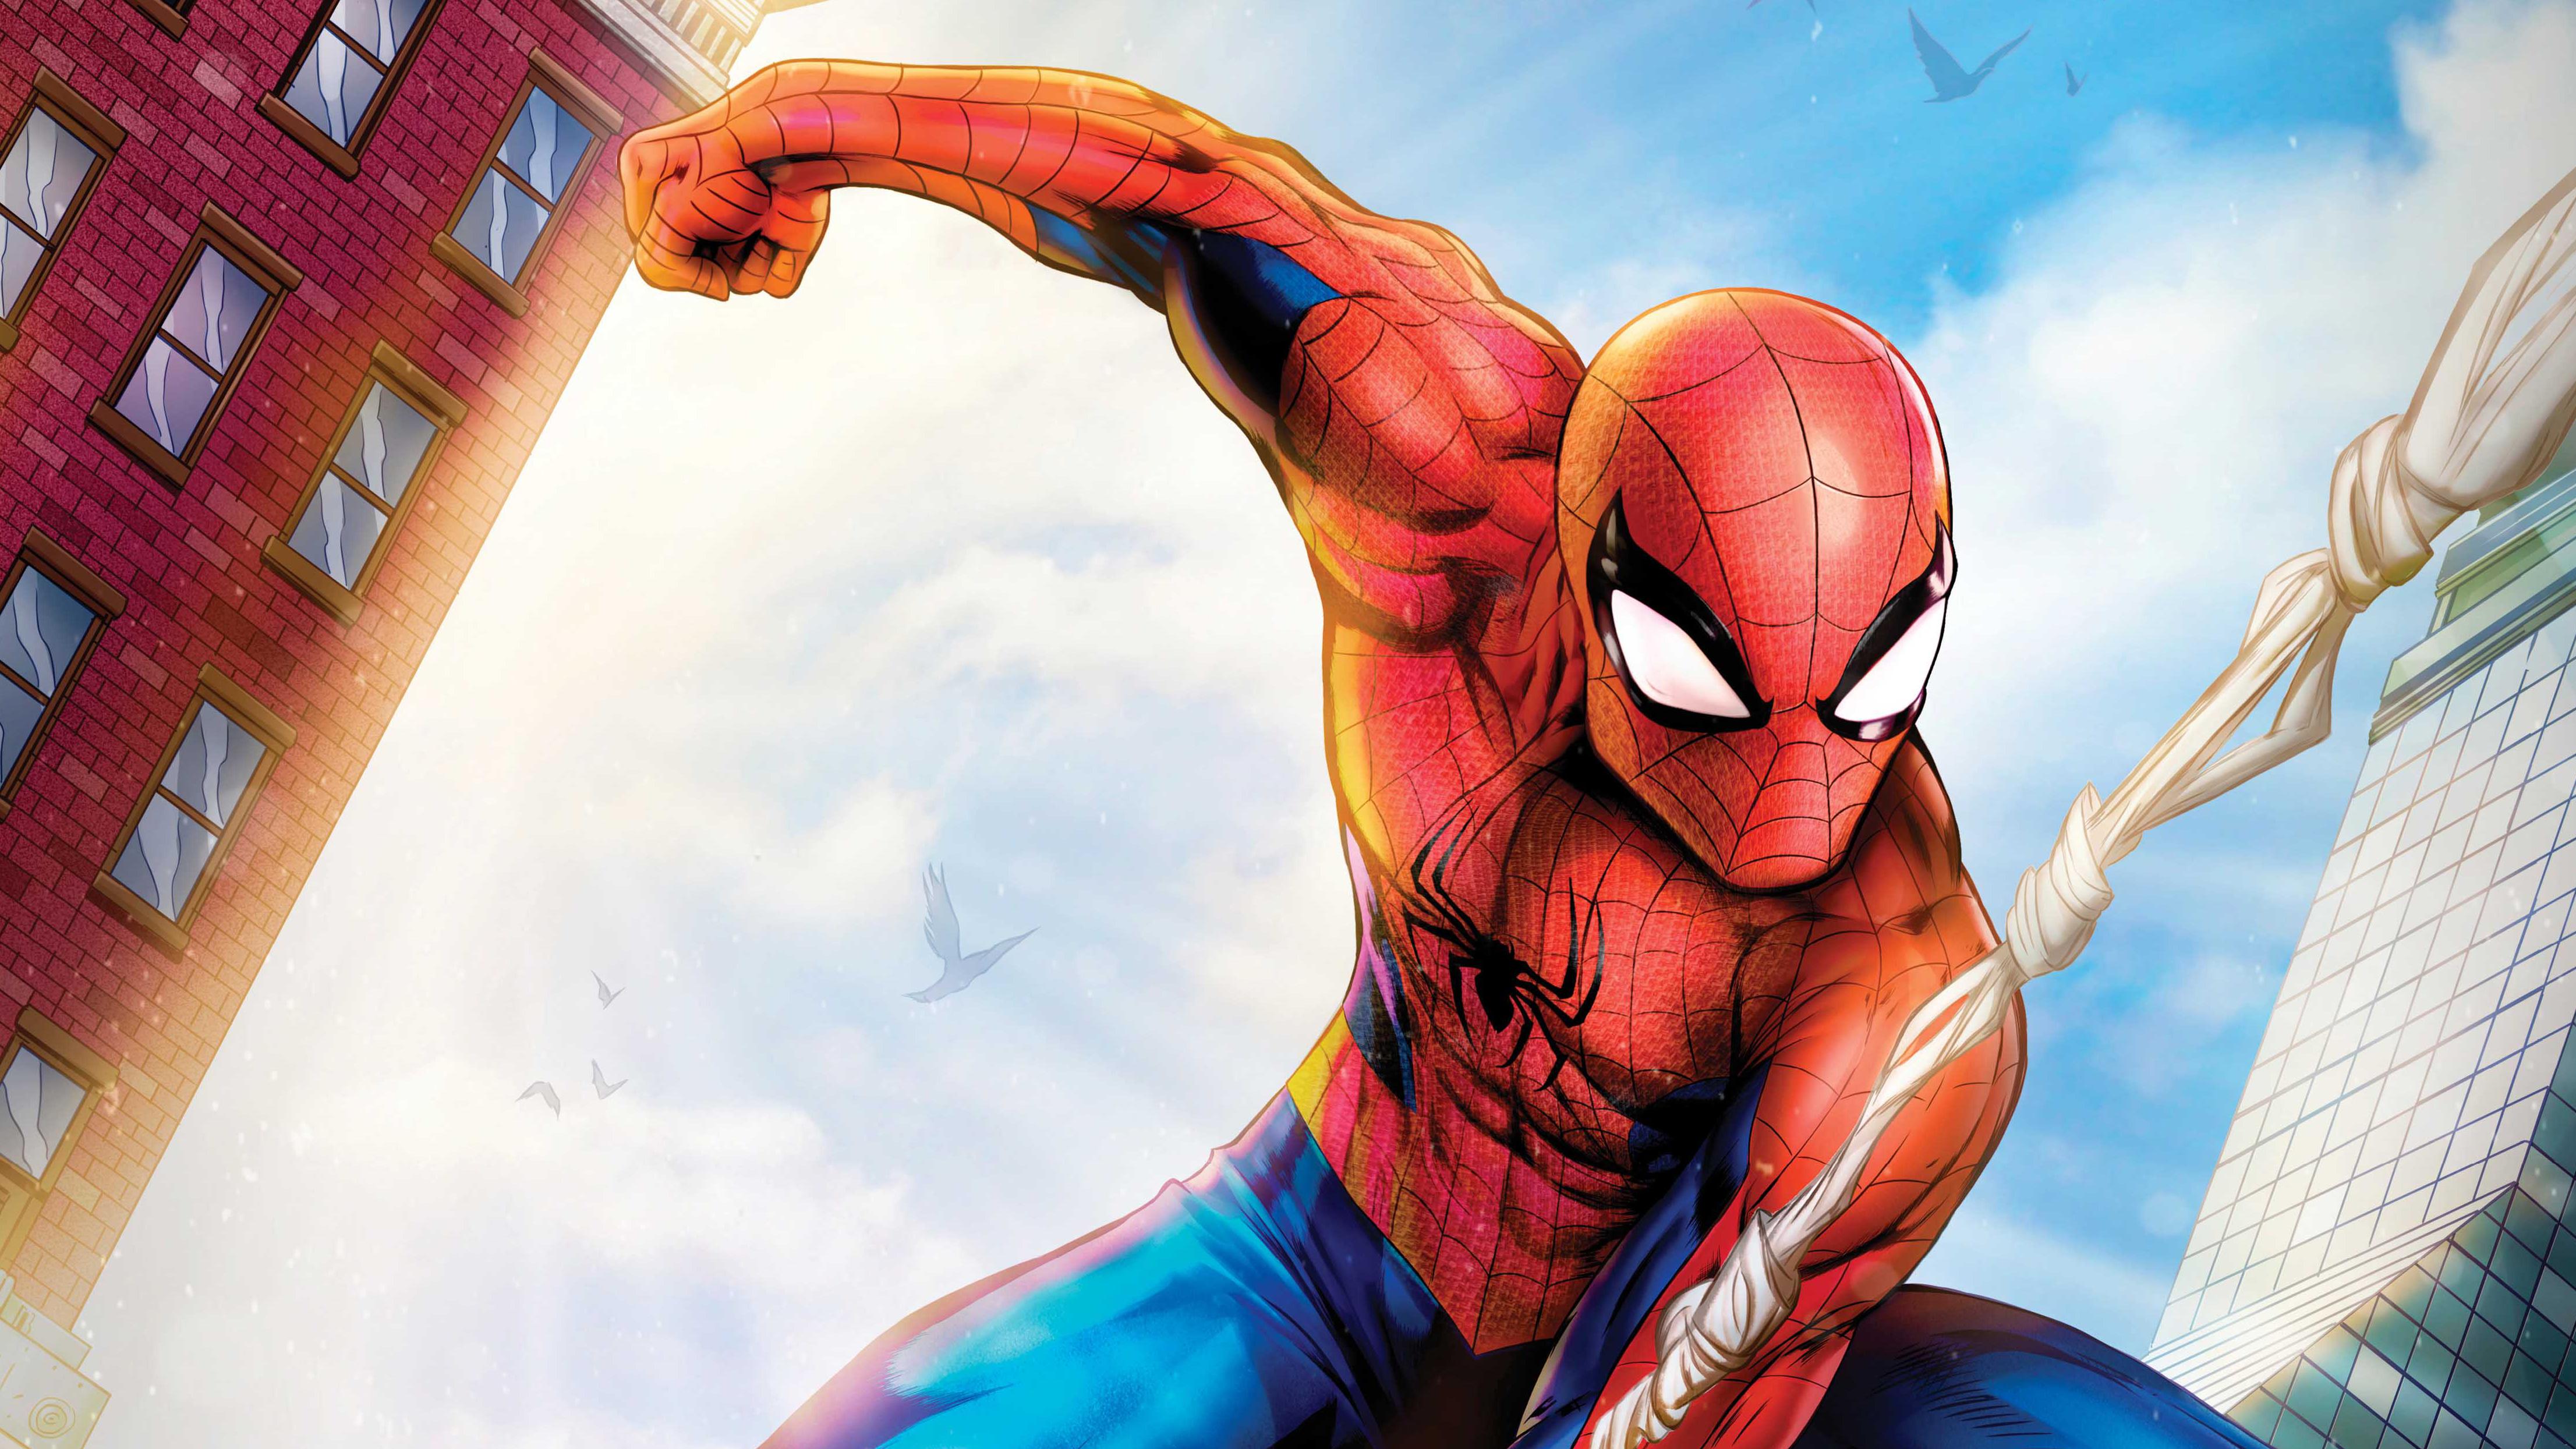 Wallpaper 4k Spiderman Comic Artwork Spiderman 4k Wallpaper